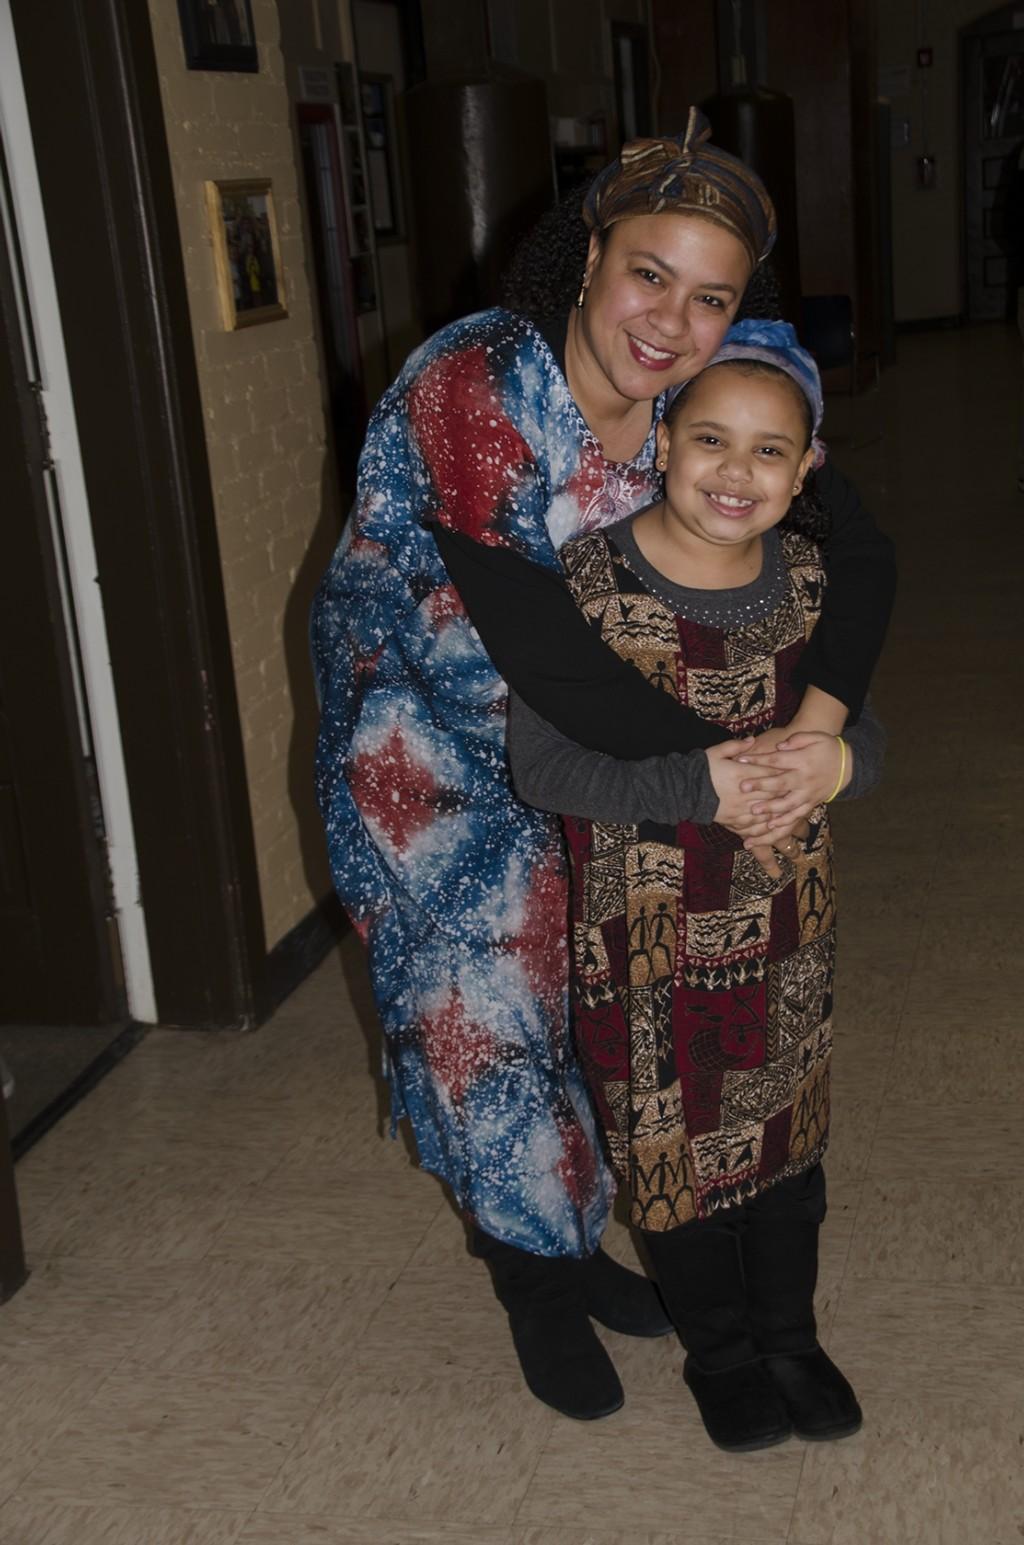 Ms. Monteiro and Gianna